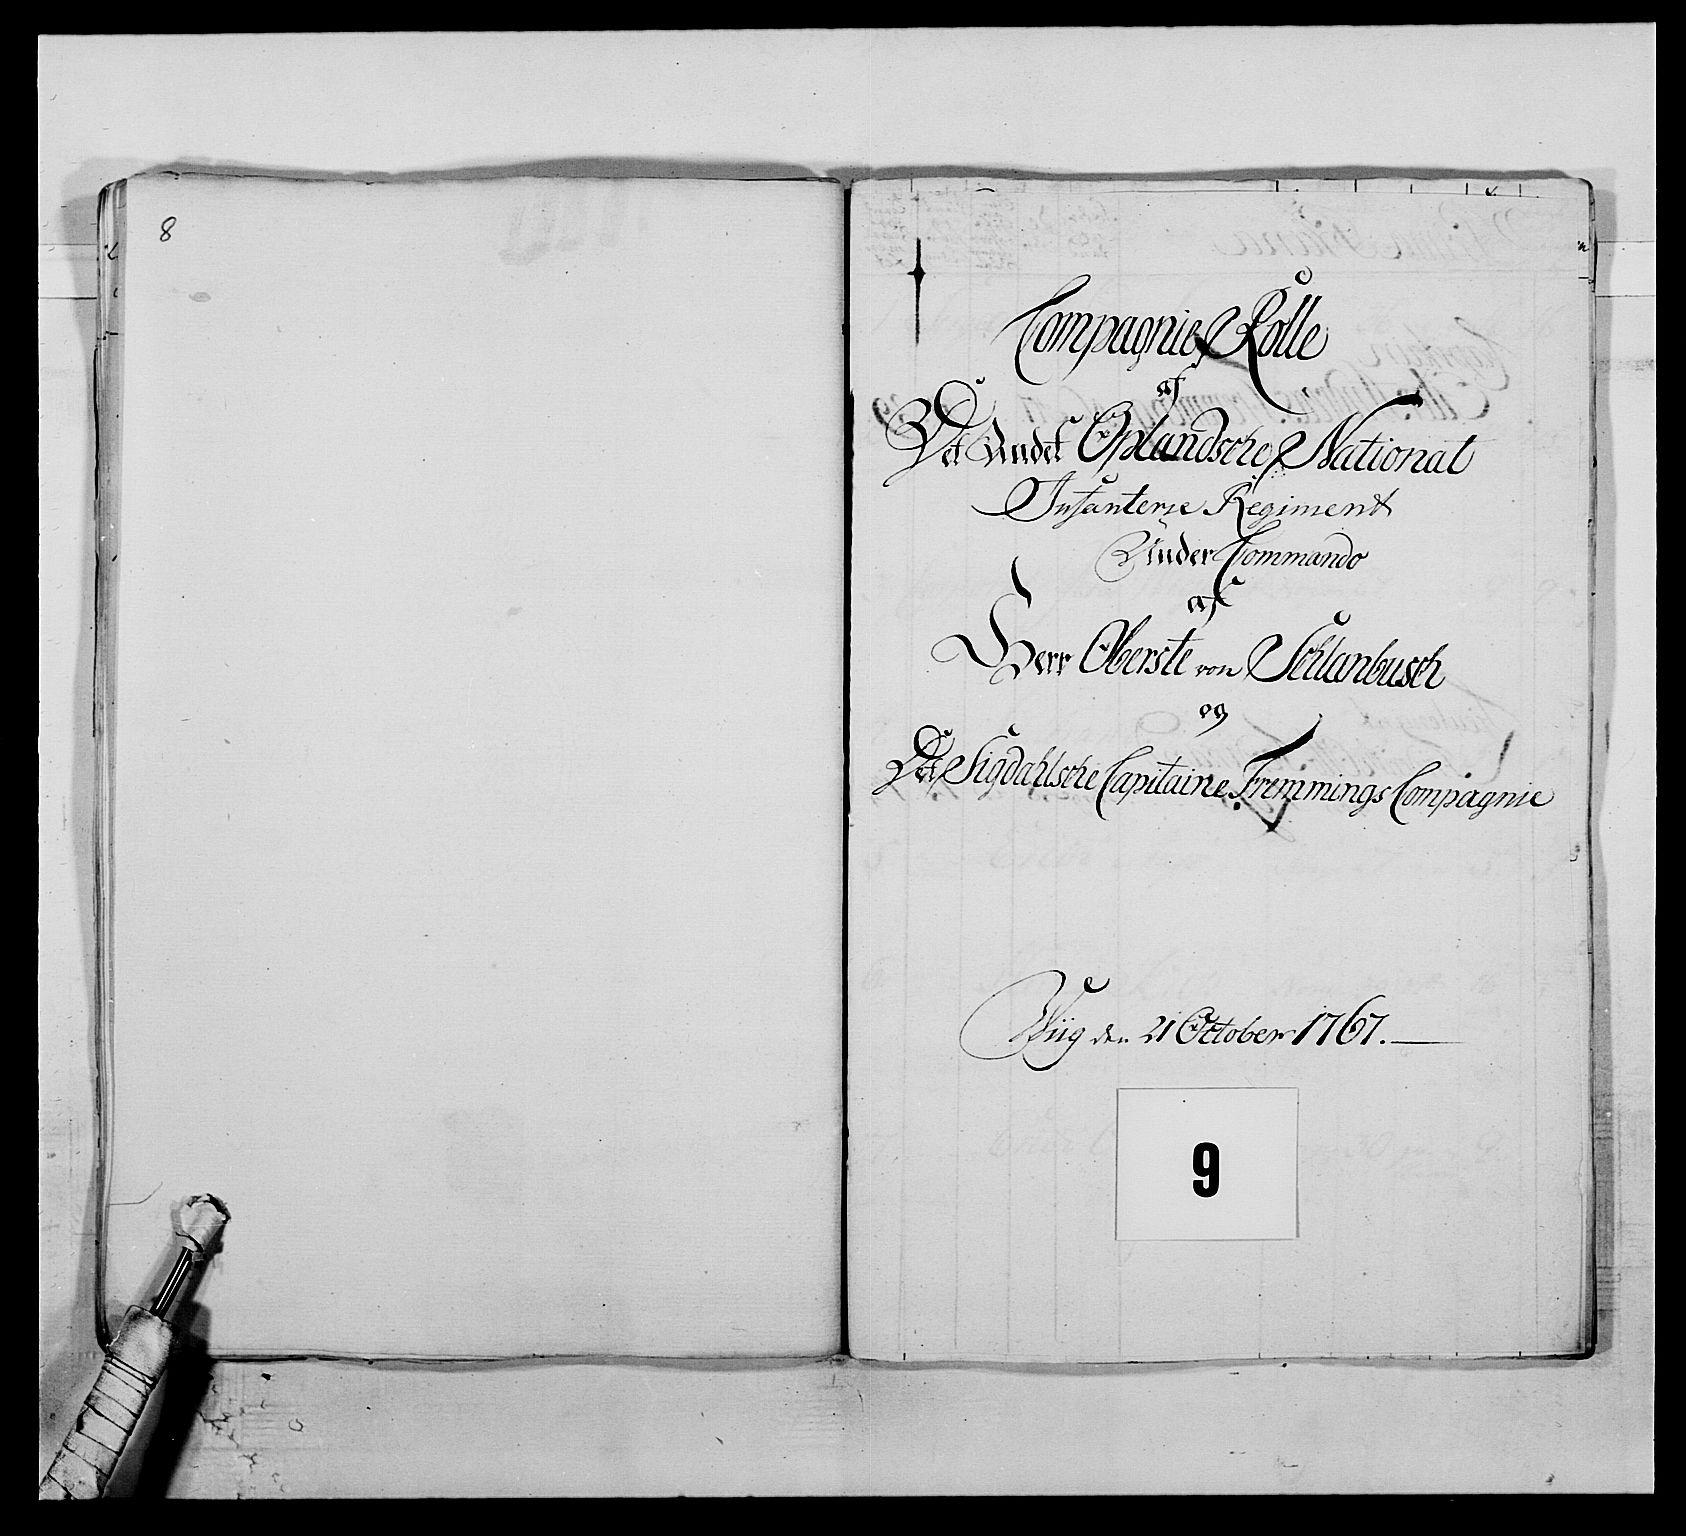 RA, Kommanderende general (KG I) med Det norske krigsdirektorium, E/Ea/L0507: 2. Opplandske regiment, 1766-1767, s. 210